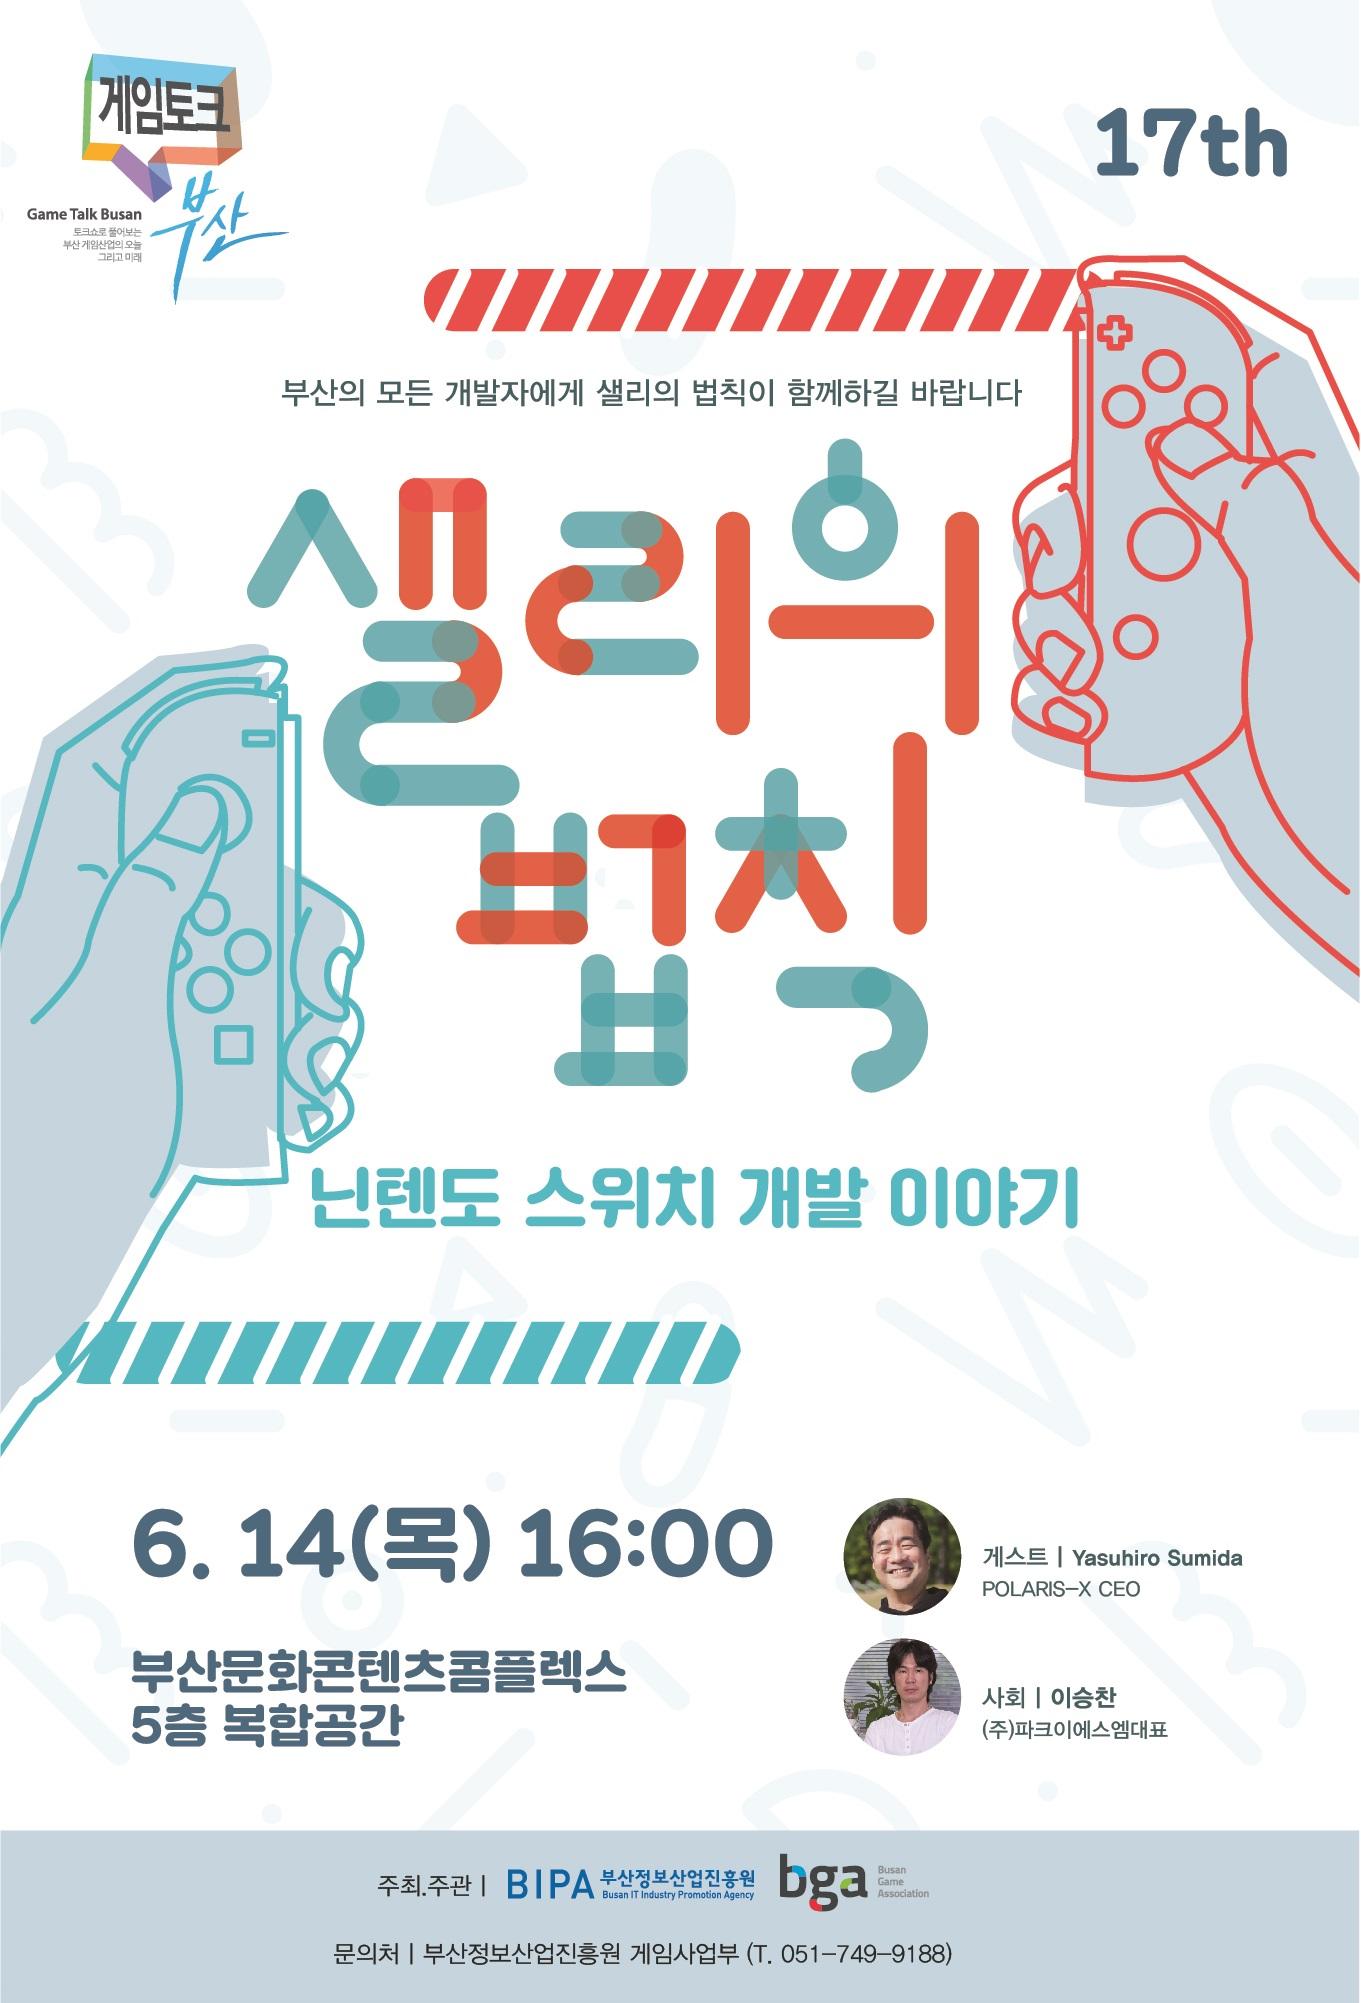 제17회 게임토크부산 개최